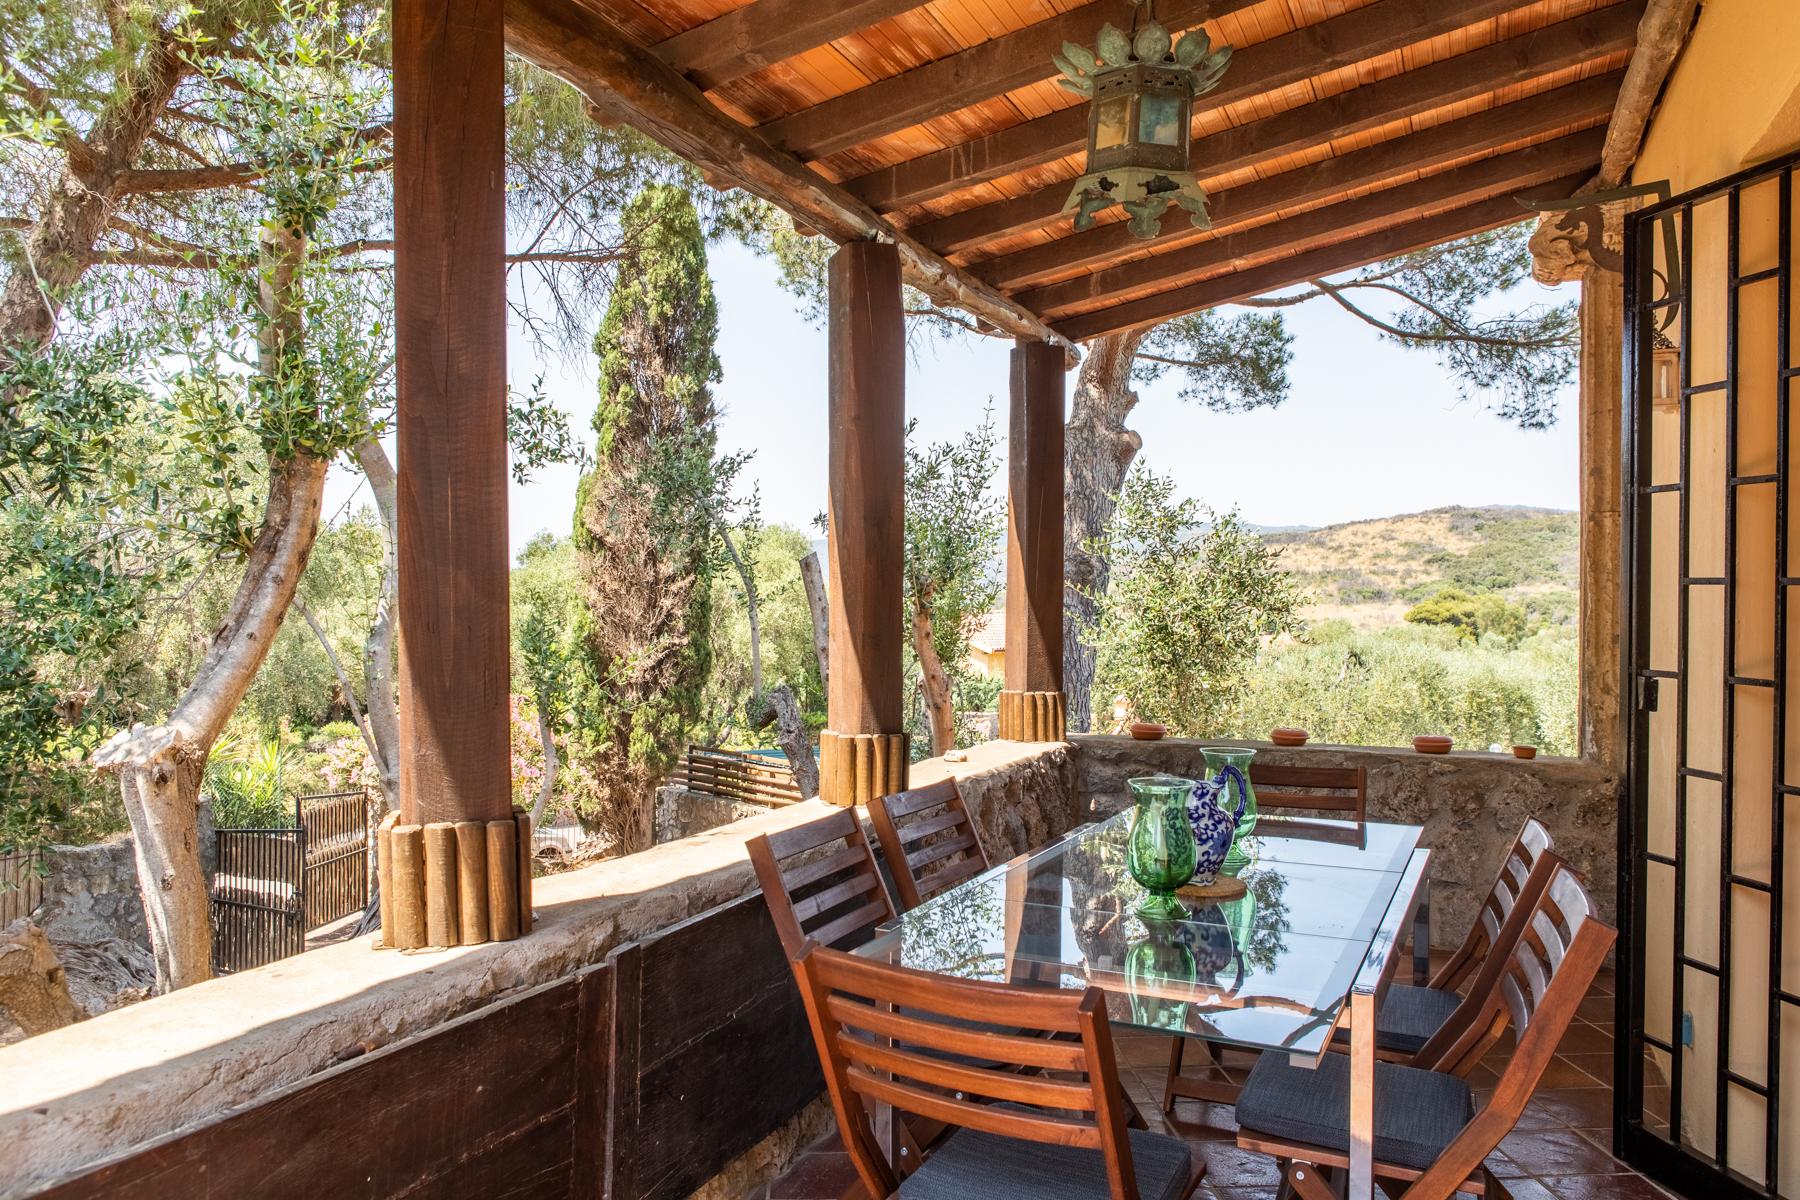 Villa in Vendita a Orbetello: 5 locali, 240 mq - Foto 5